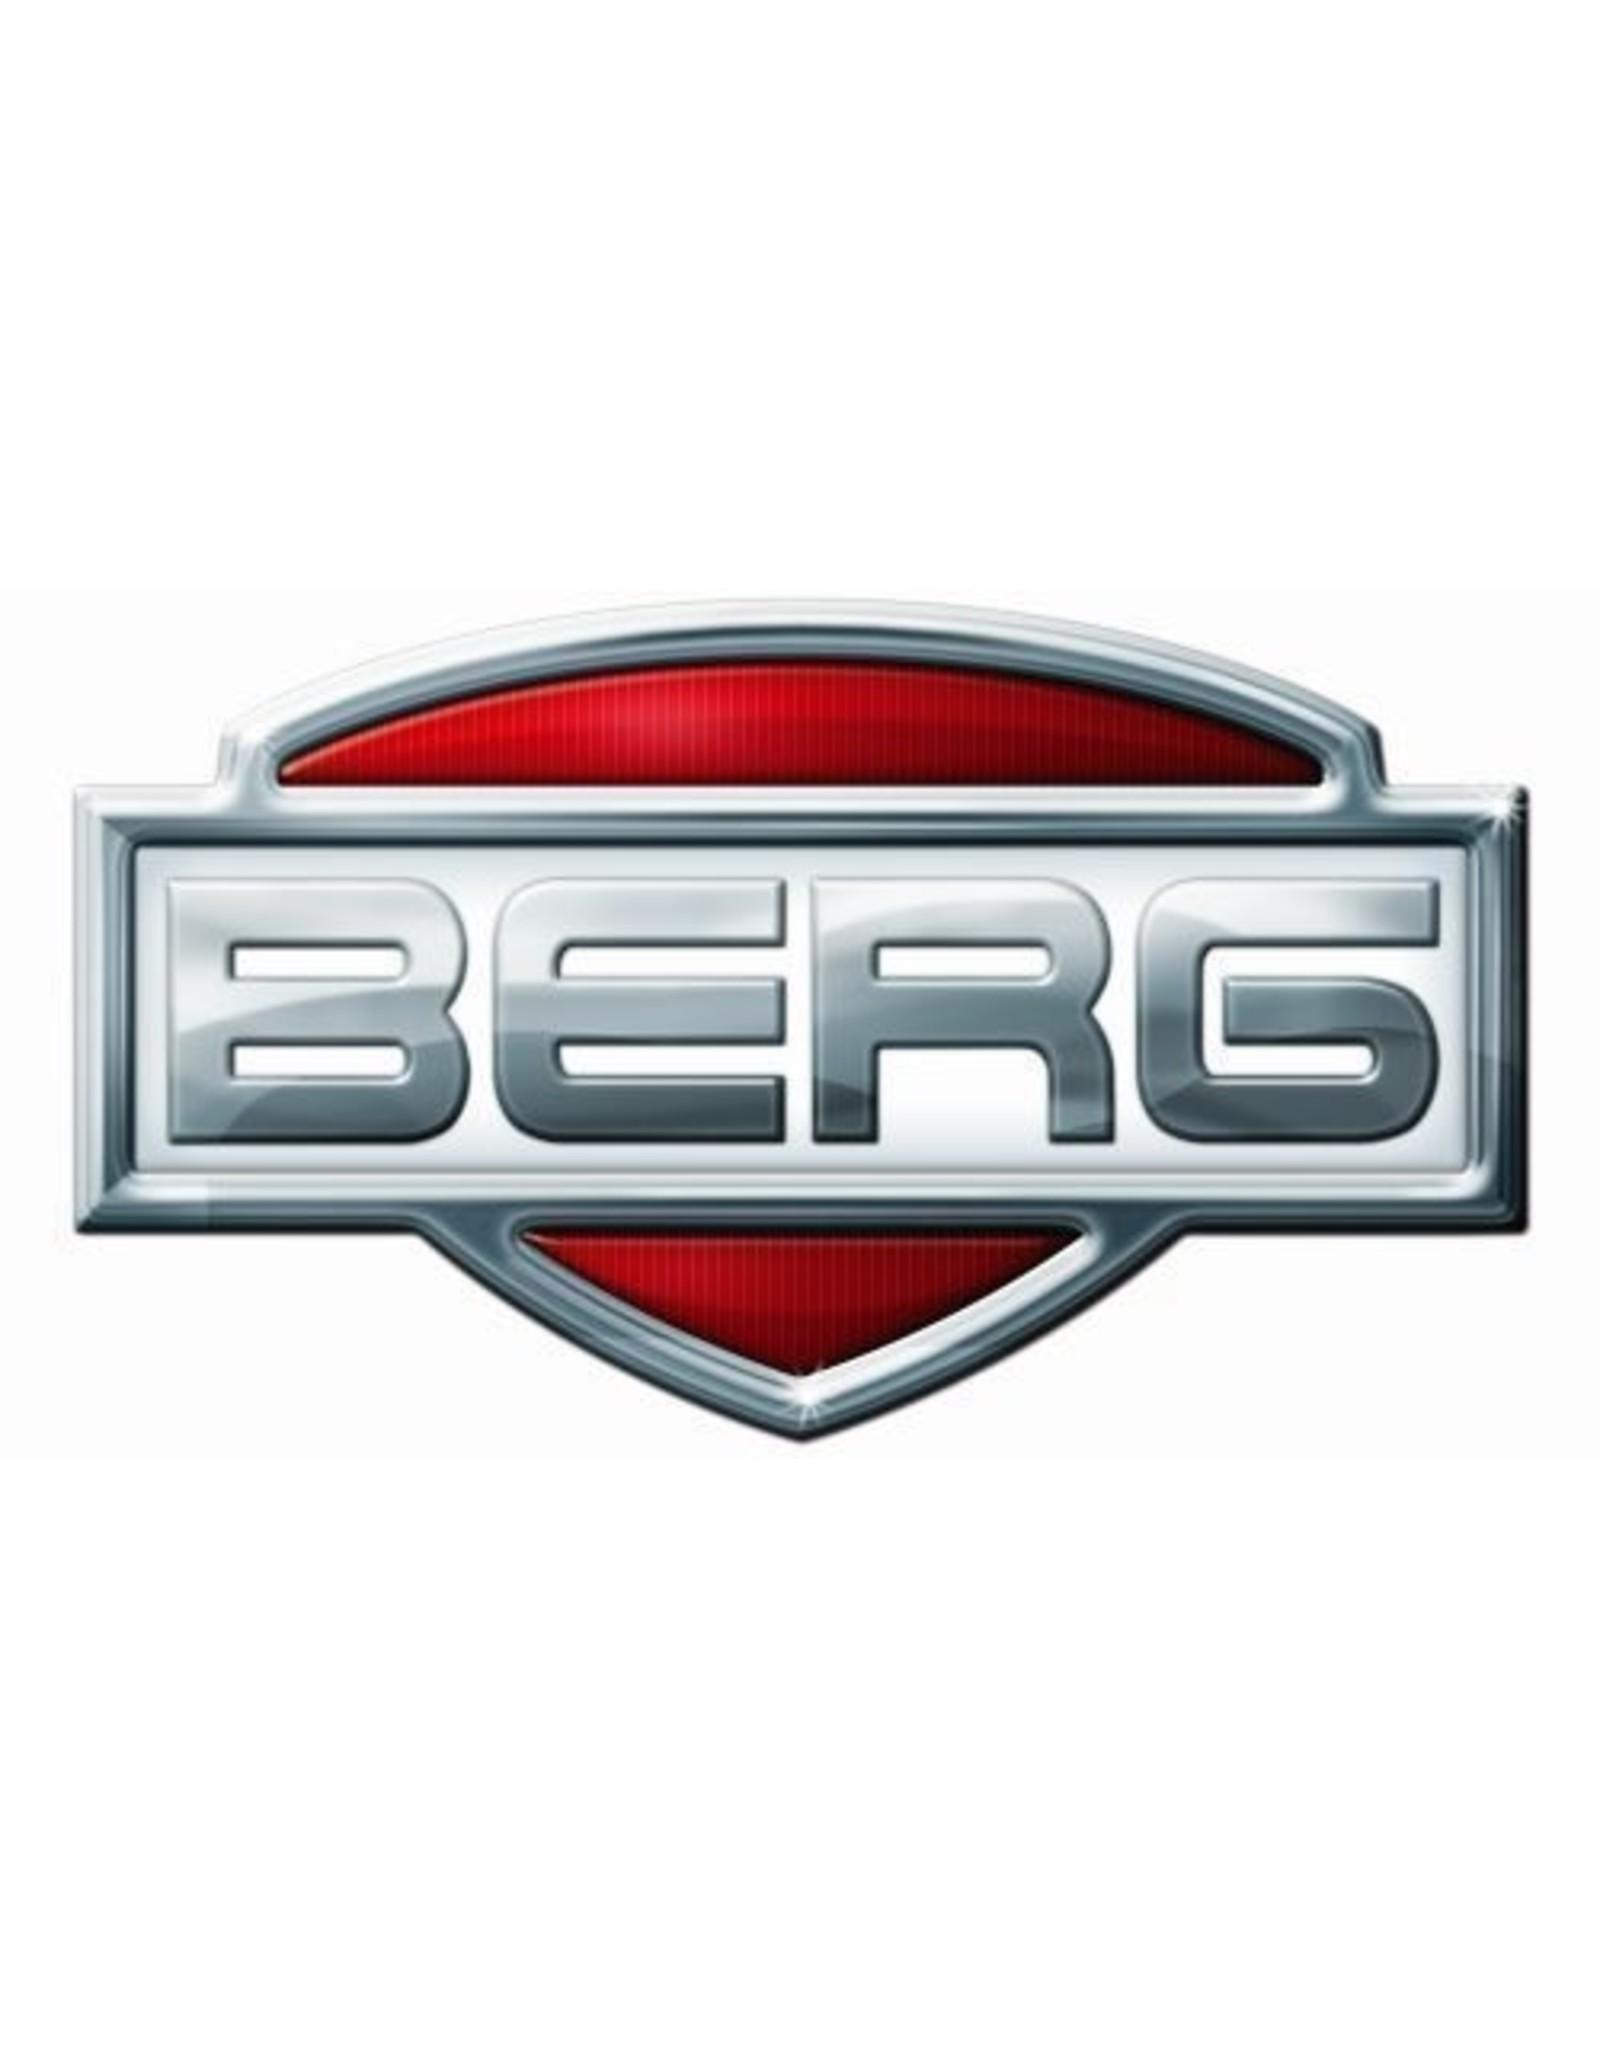 BERG BERG Sicherheitsnetz - Abdeckkap für oberes Rohr (1x)